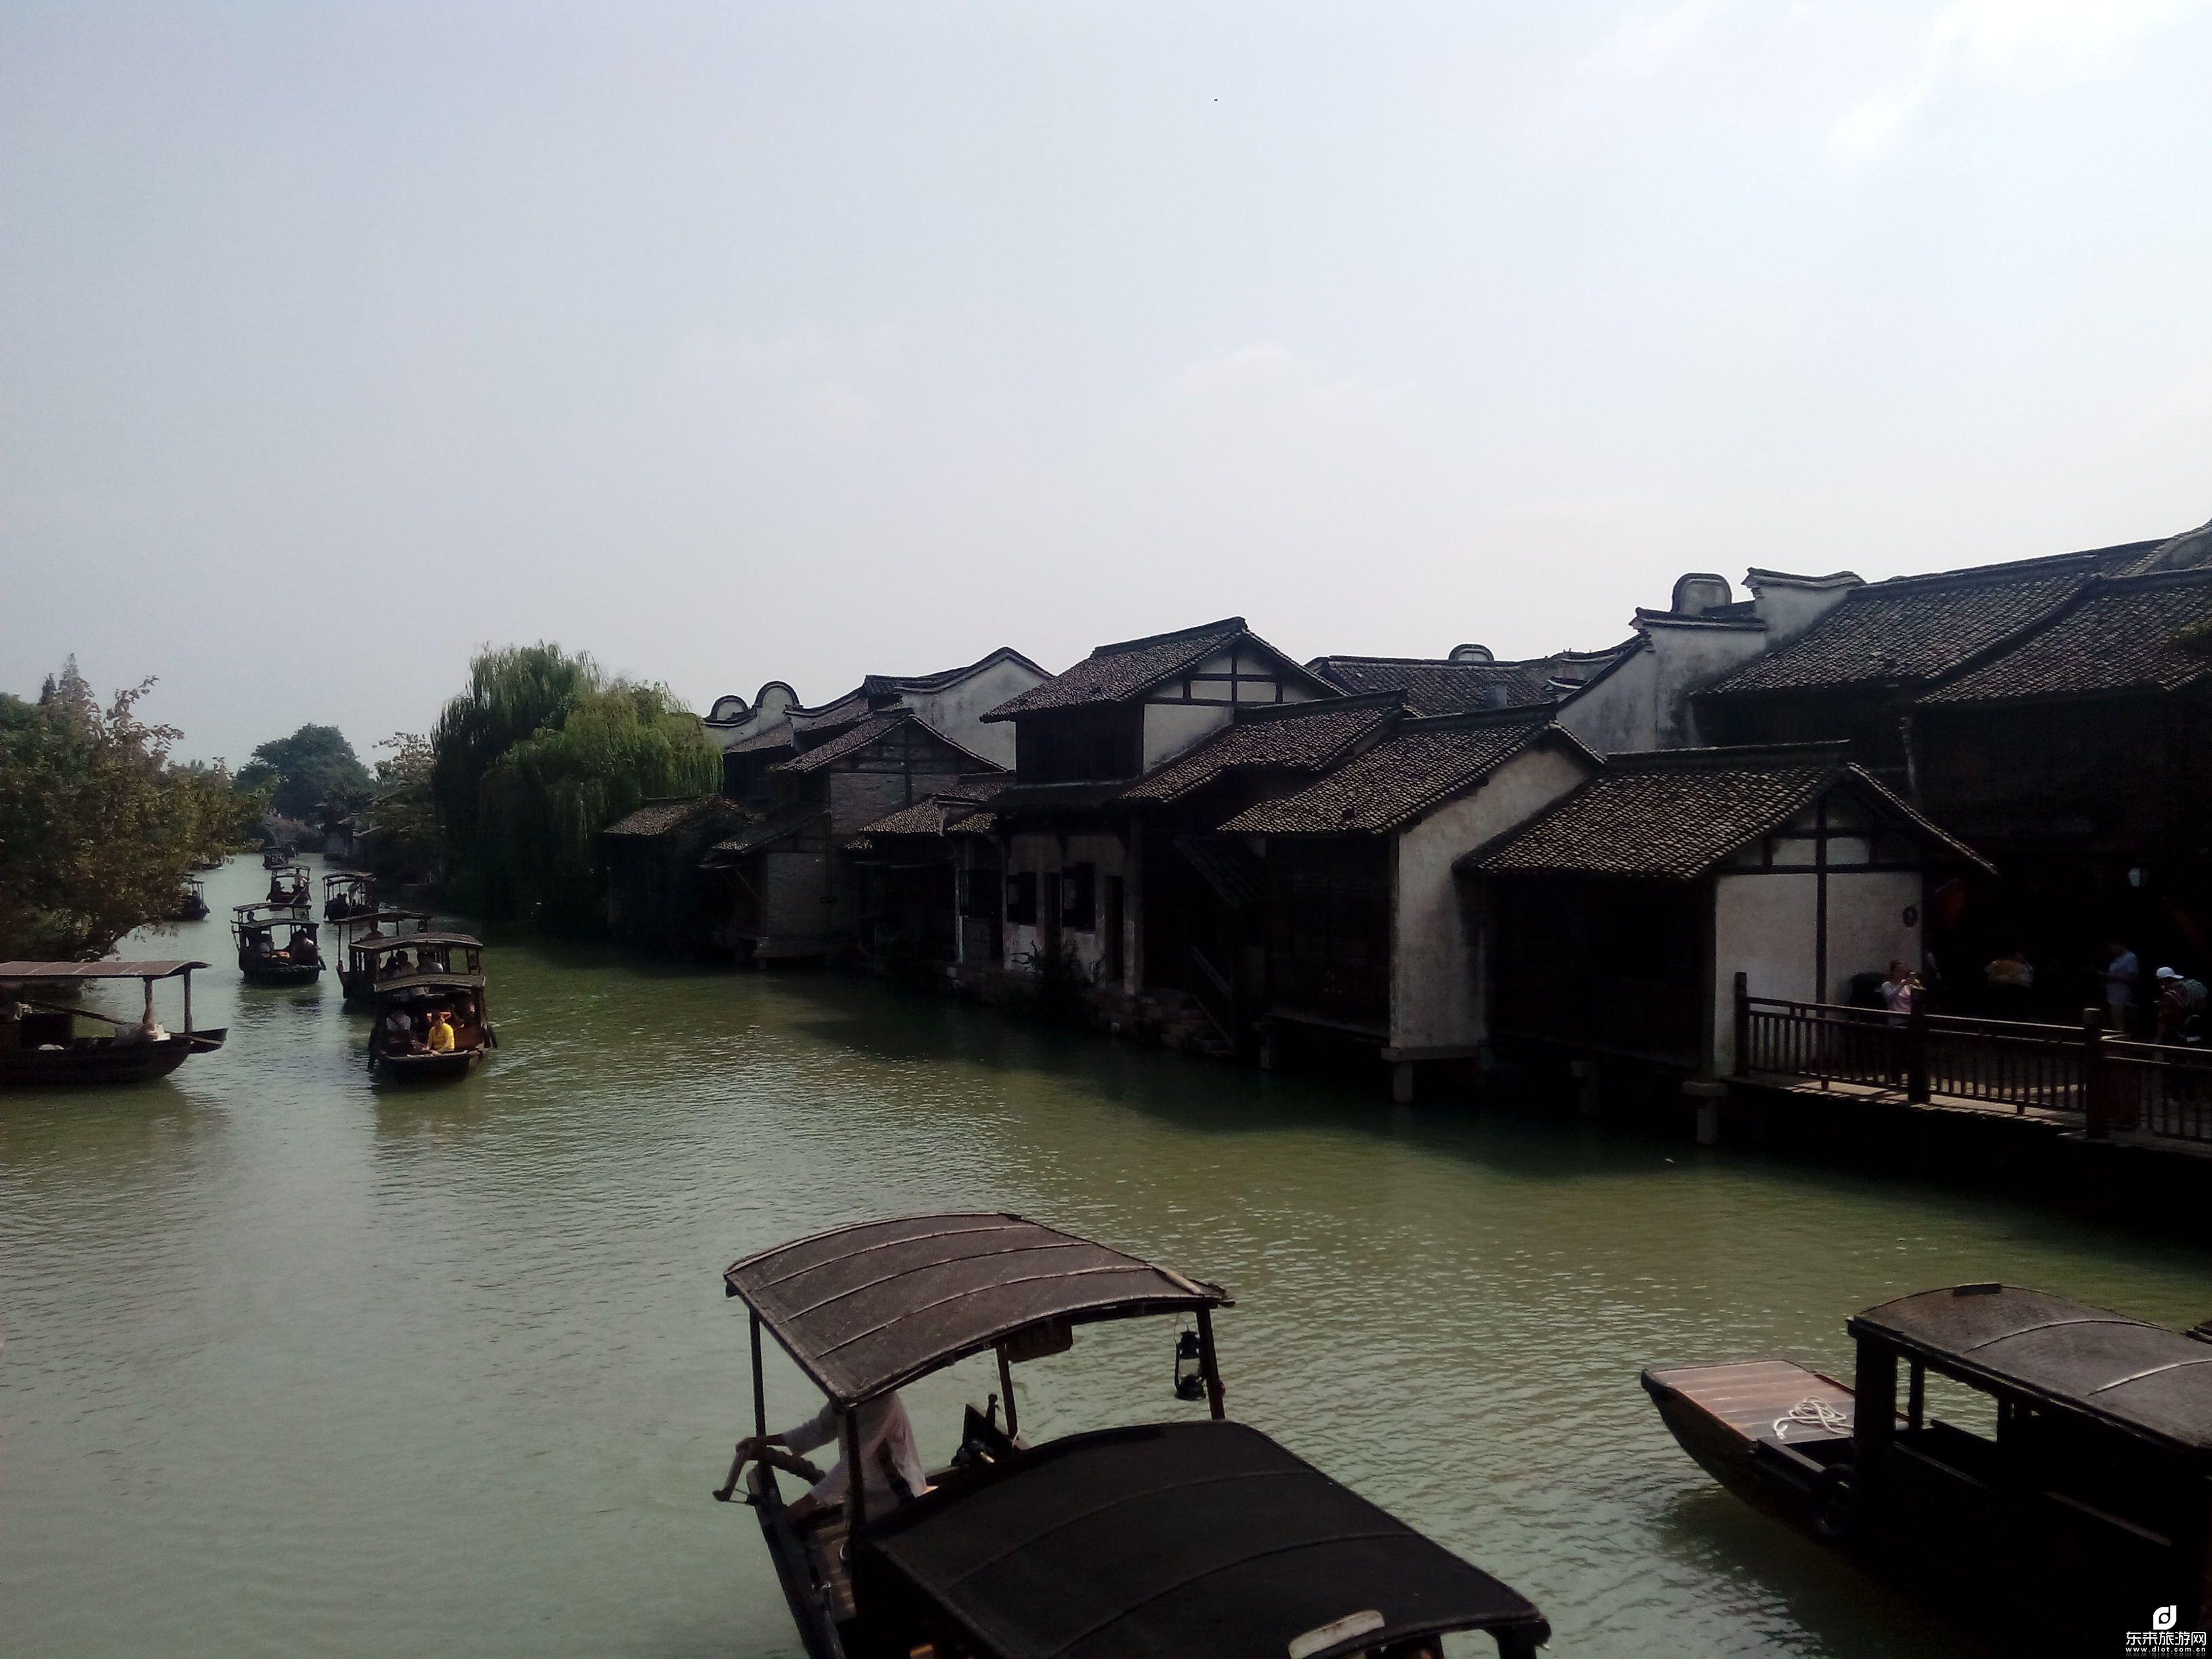 【品玩江南】美宿莫干山、晨暮乌镇时光、经典最是杭州、追忆老上海6日体验之旅